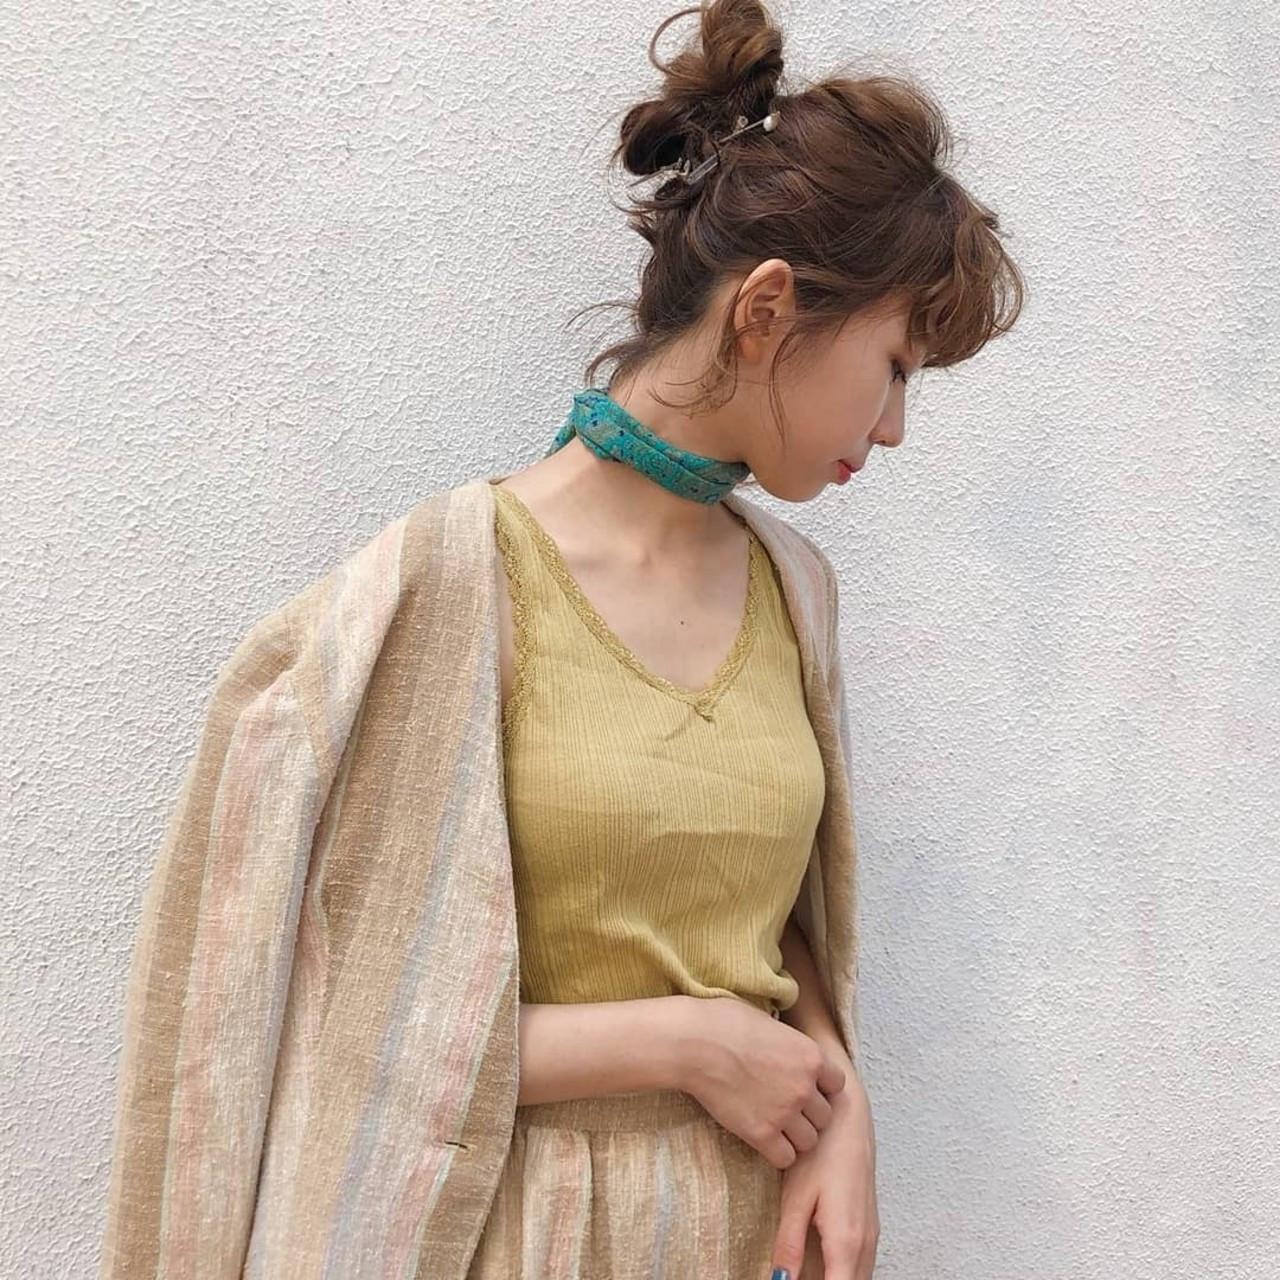 後れ毛がポイント!お団子ボブアレンジ 杉本侑菜 (すぎもと ありな)